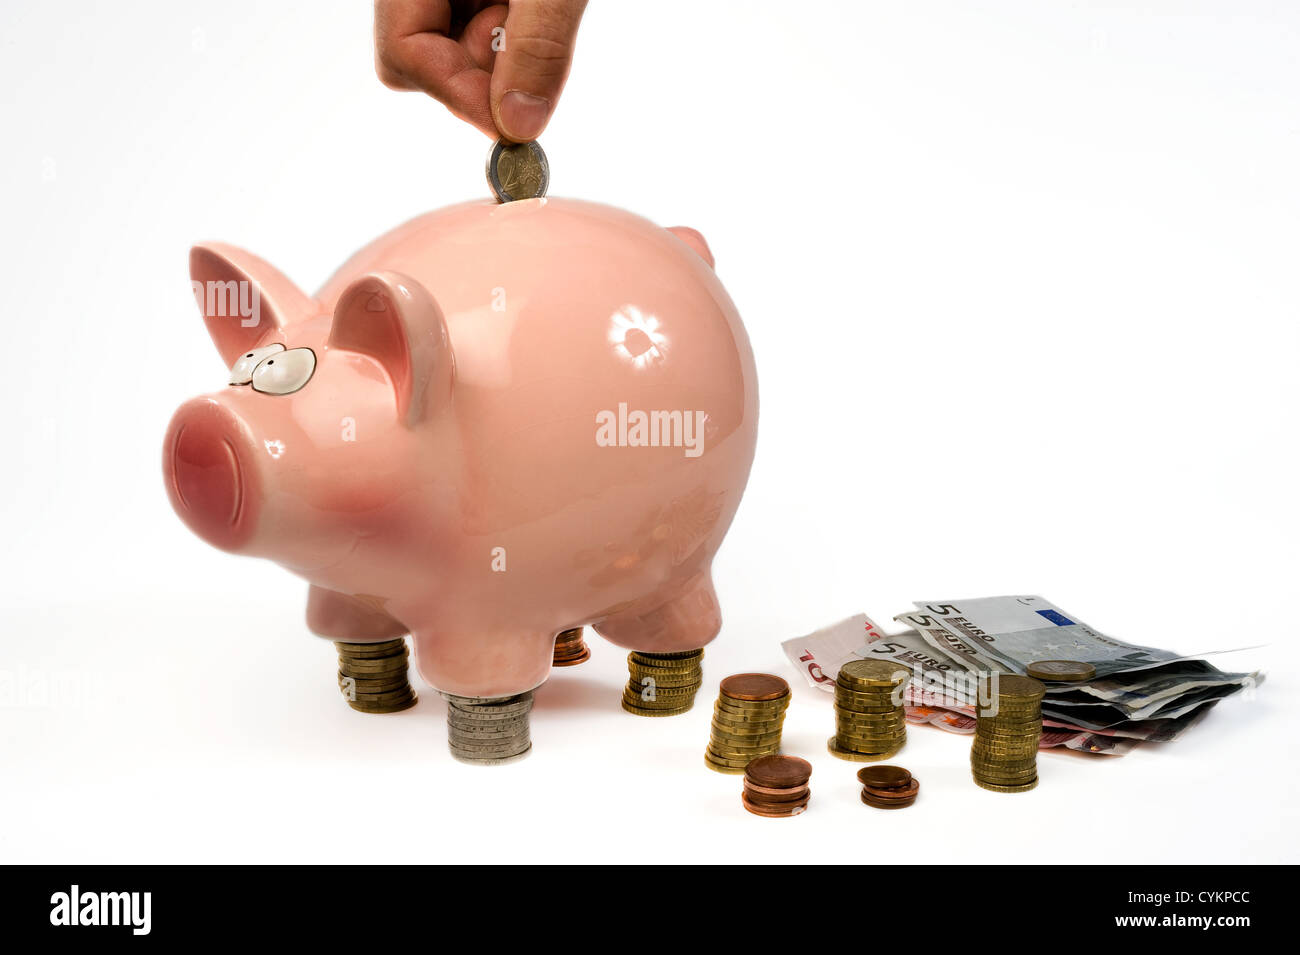 Eine Hand ist eine 2-Euro-Münze in eine rettende Schwein setzen. Stockbild